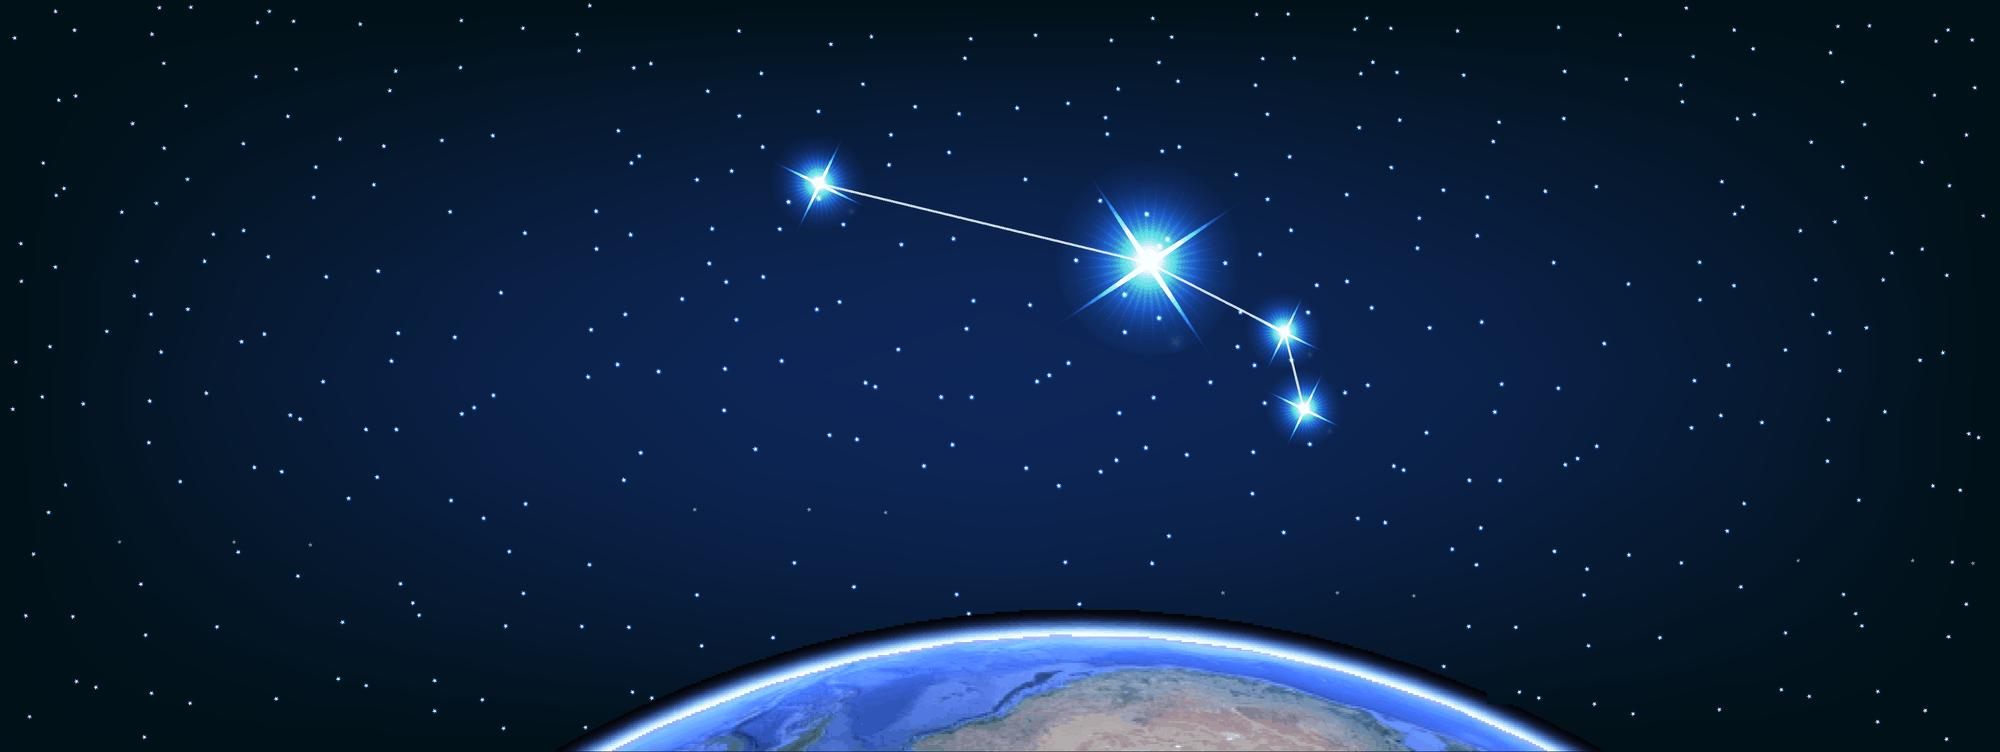 Созвездие овна картинка